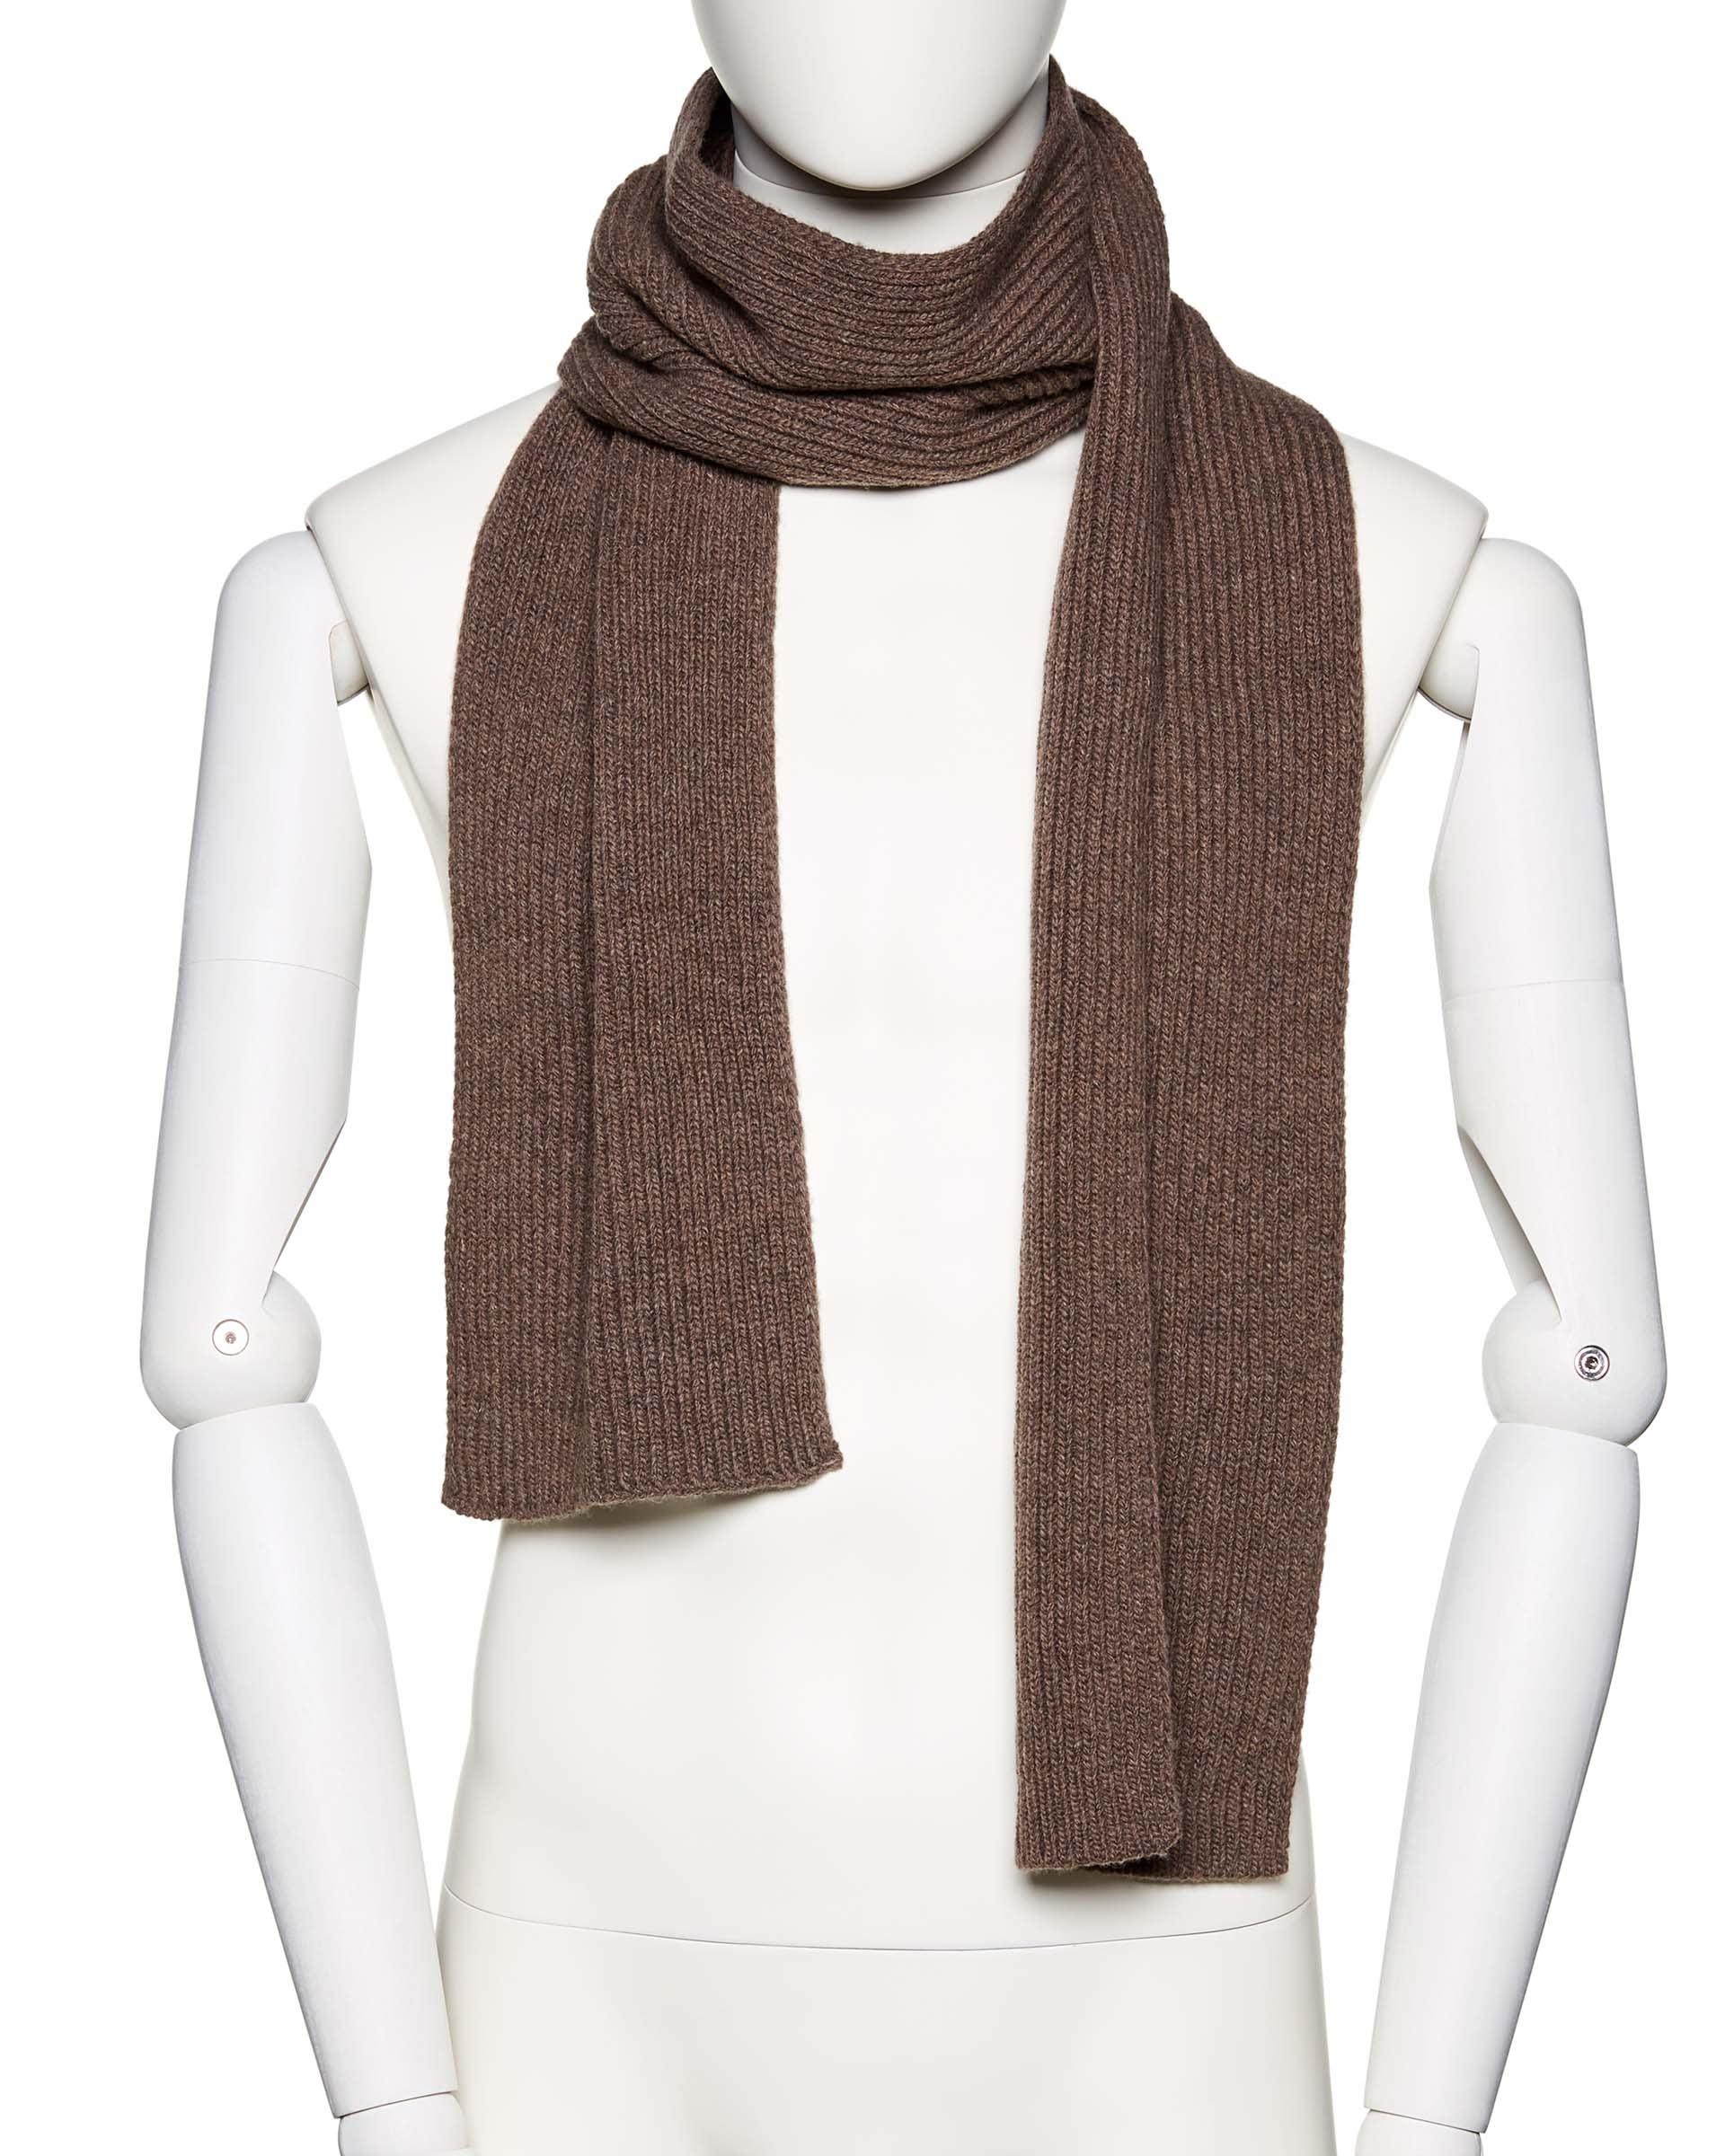 ШарфПлатки и шарфы<br>Вязаный шарф из шерстяной пряжи. Фактура в рубчик, универсальный размер. Размеры: 180*17 см.<br>Цвет: Коричневый; Размер: OS;